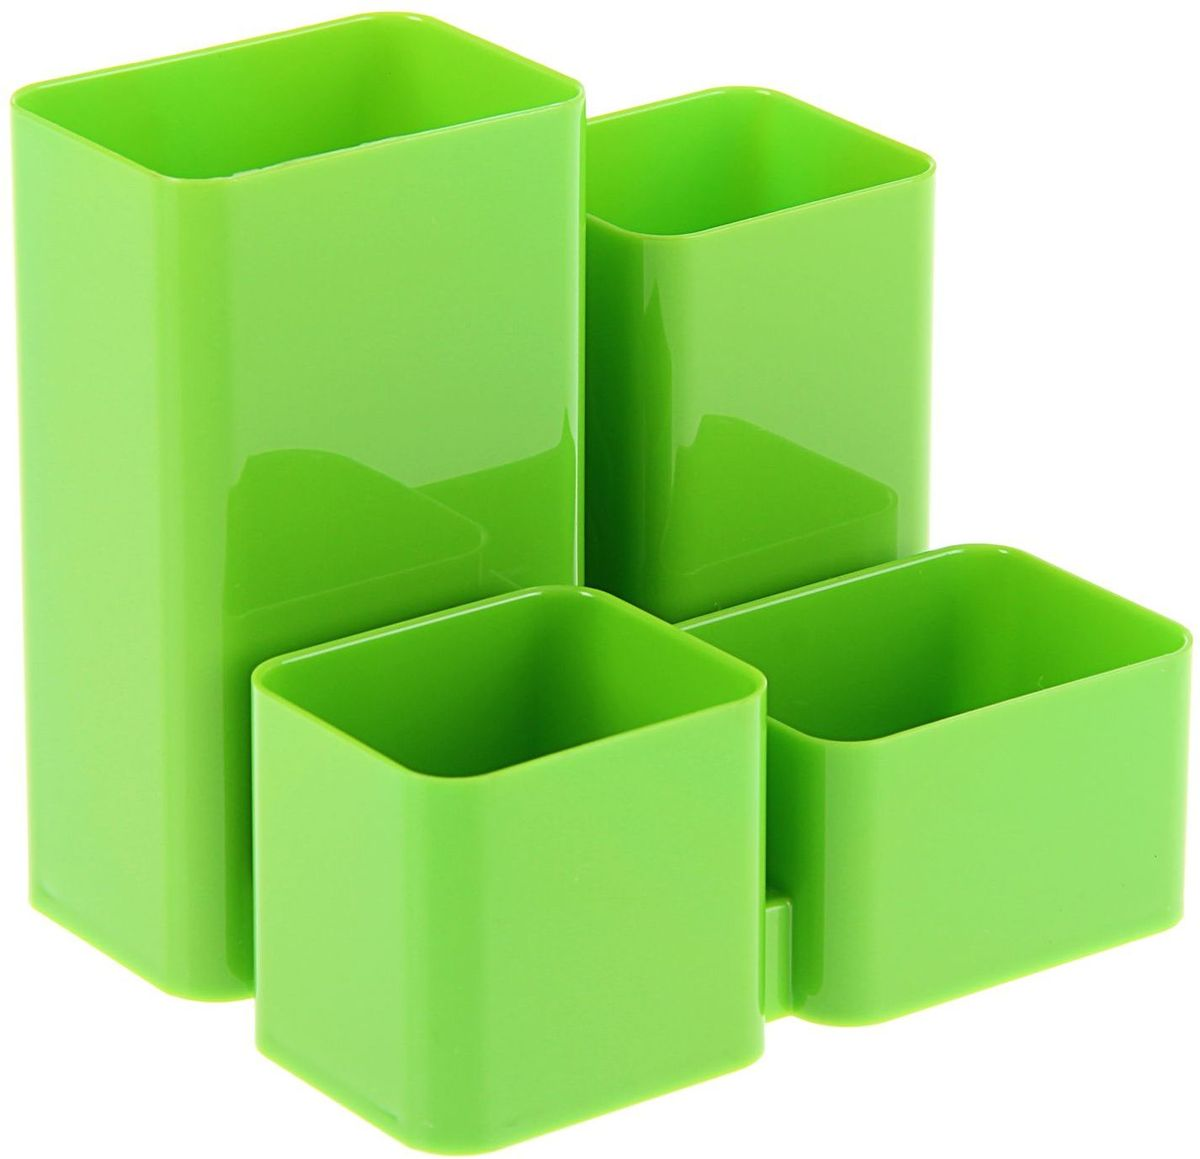 Стамм Органайзер настольный Юниор цвет зеленый олег ольхов рыба морепродукты на вашем столе